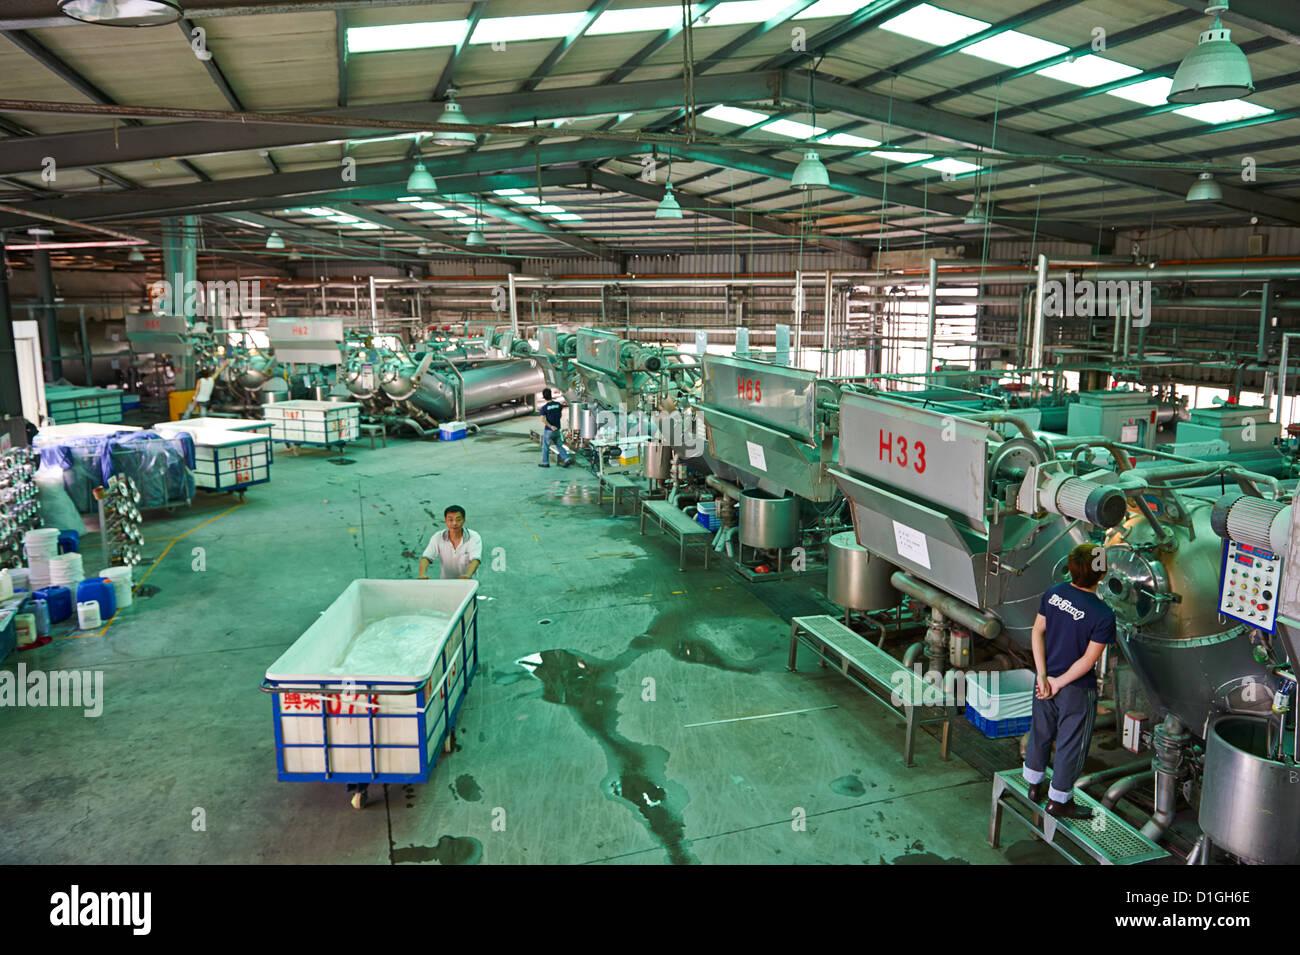 En el interior de una fábrica de tejidos y textiles, aquí un trabajador empuja una bandeja gigante junto Imagen De Stock